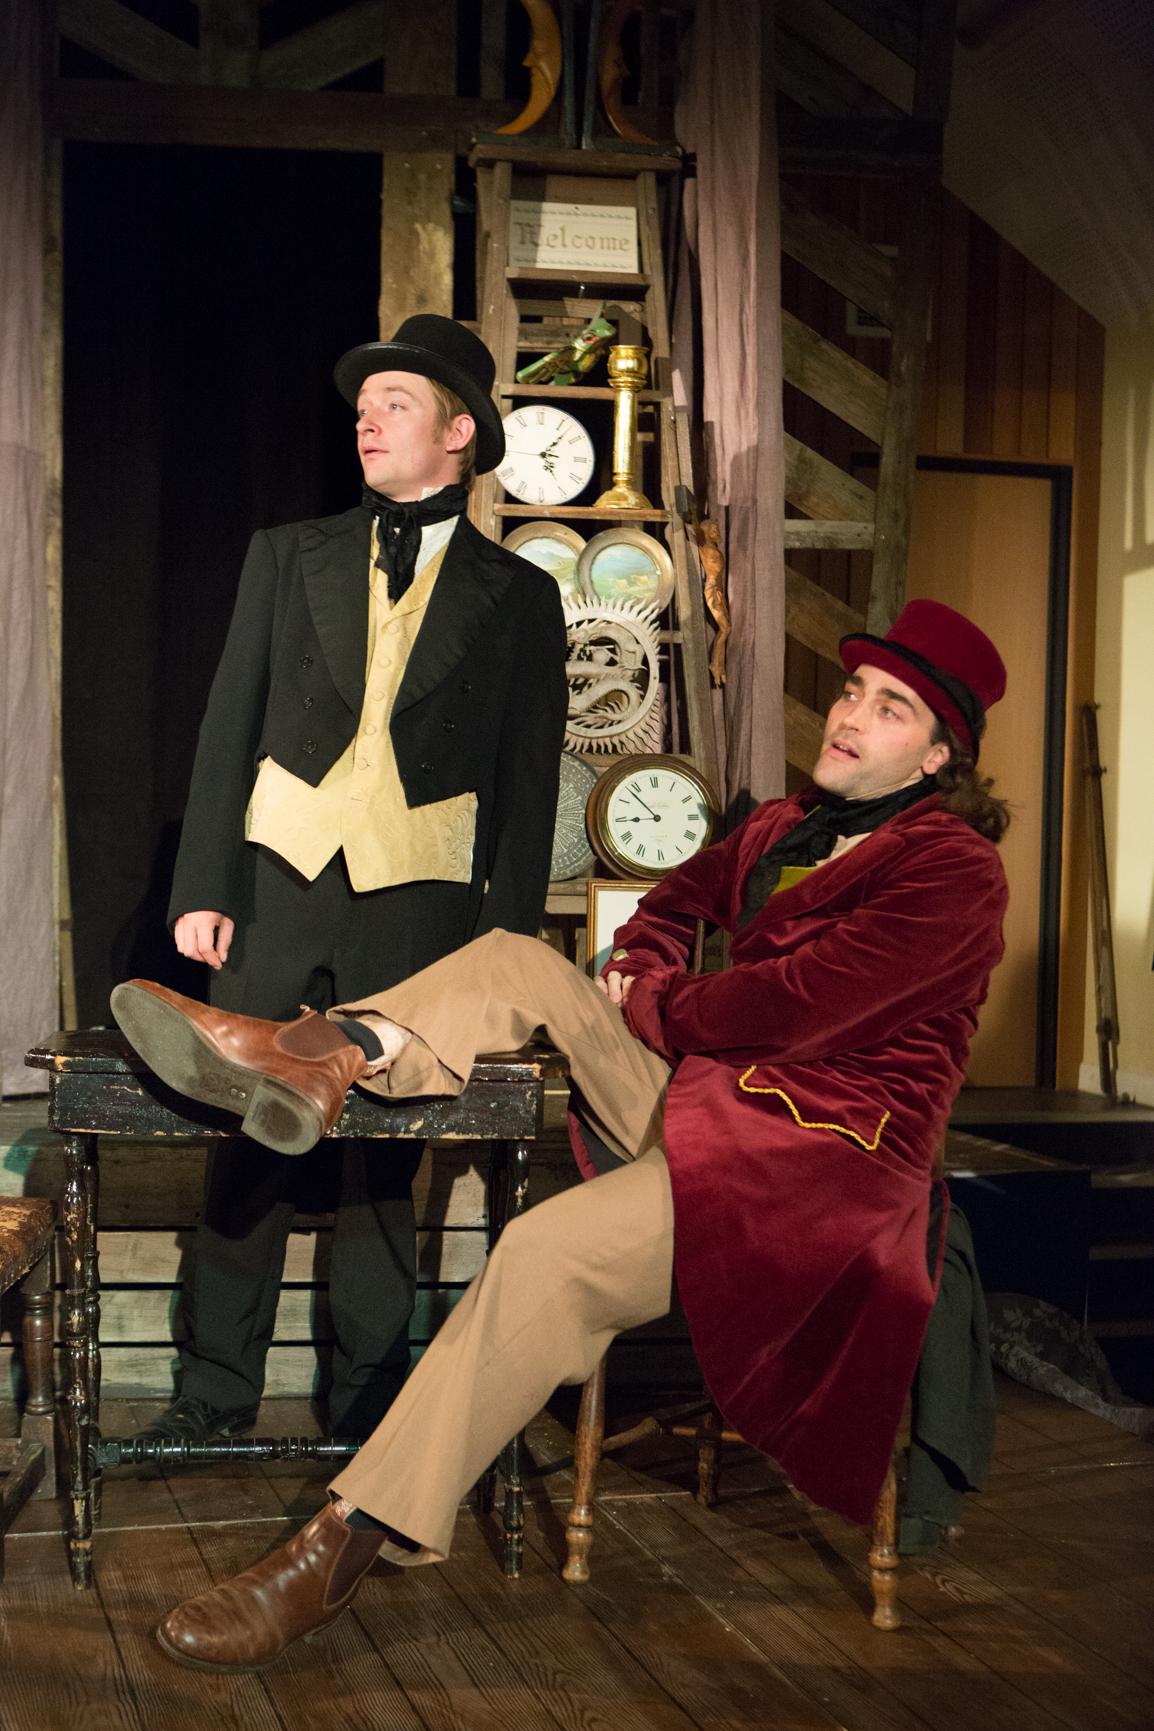 Joe Leat & Tristan Tellerl in THE OLD CURIOSITY SHOP